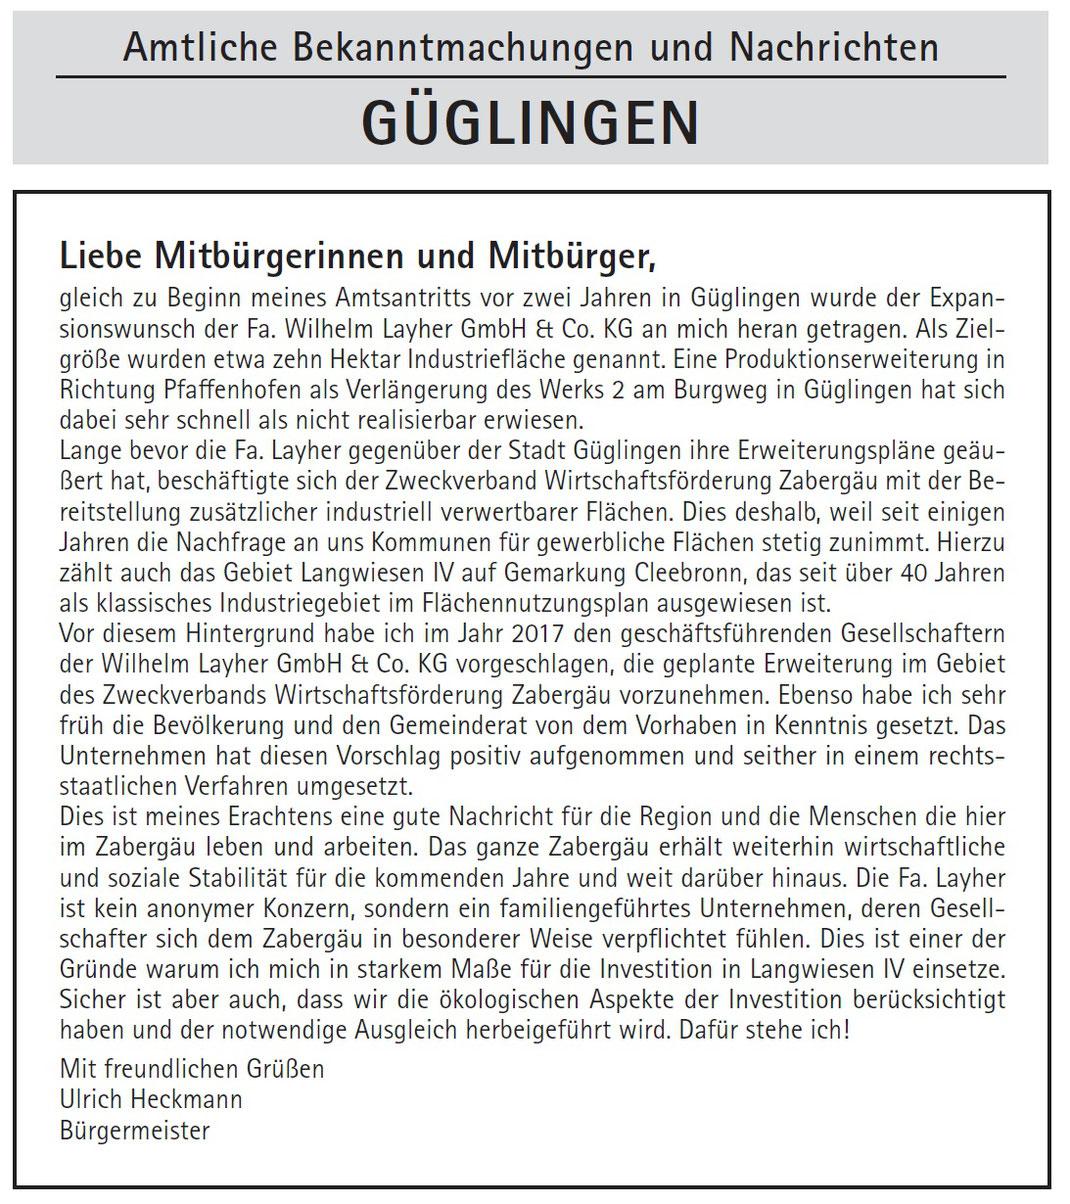 Amtsblatt Rundschau Mittleres Zabergäu, 18.10.2019, Seite 1, Bürgermeister Heckmann sieht sich genötigt, über angebliche Rechtmäßigkeit und Notwendigkeit der industriellen Verwertung von besten Flächen bei Frauenzimmern zu schreiben.